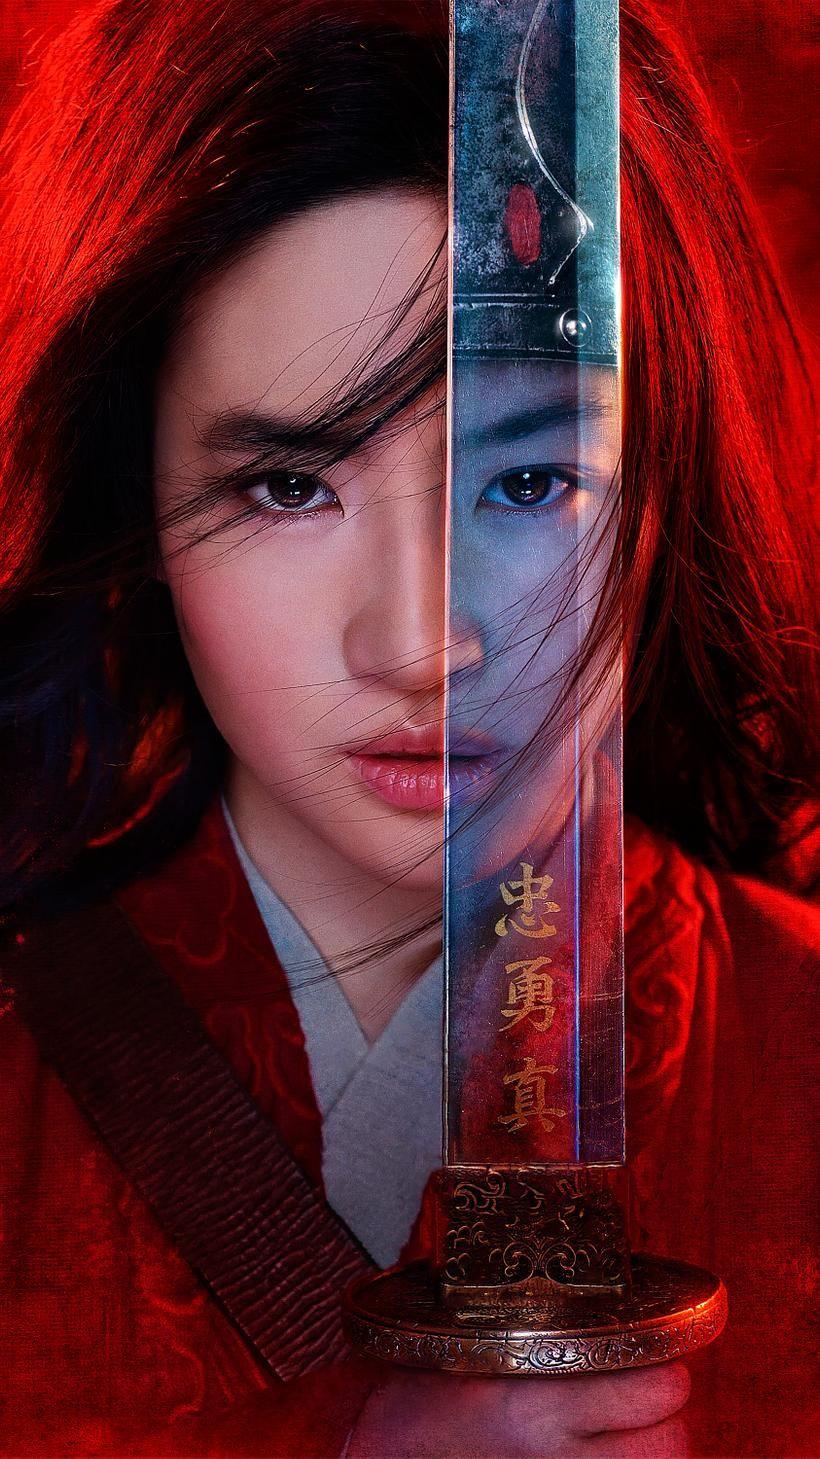 Mulan 2020 Phone Wallpaper Moviemania In 2020 Mulan Movie Mulan Mulan Disney